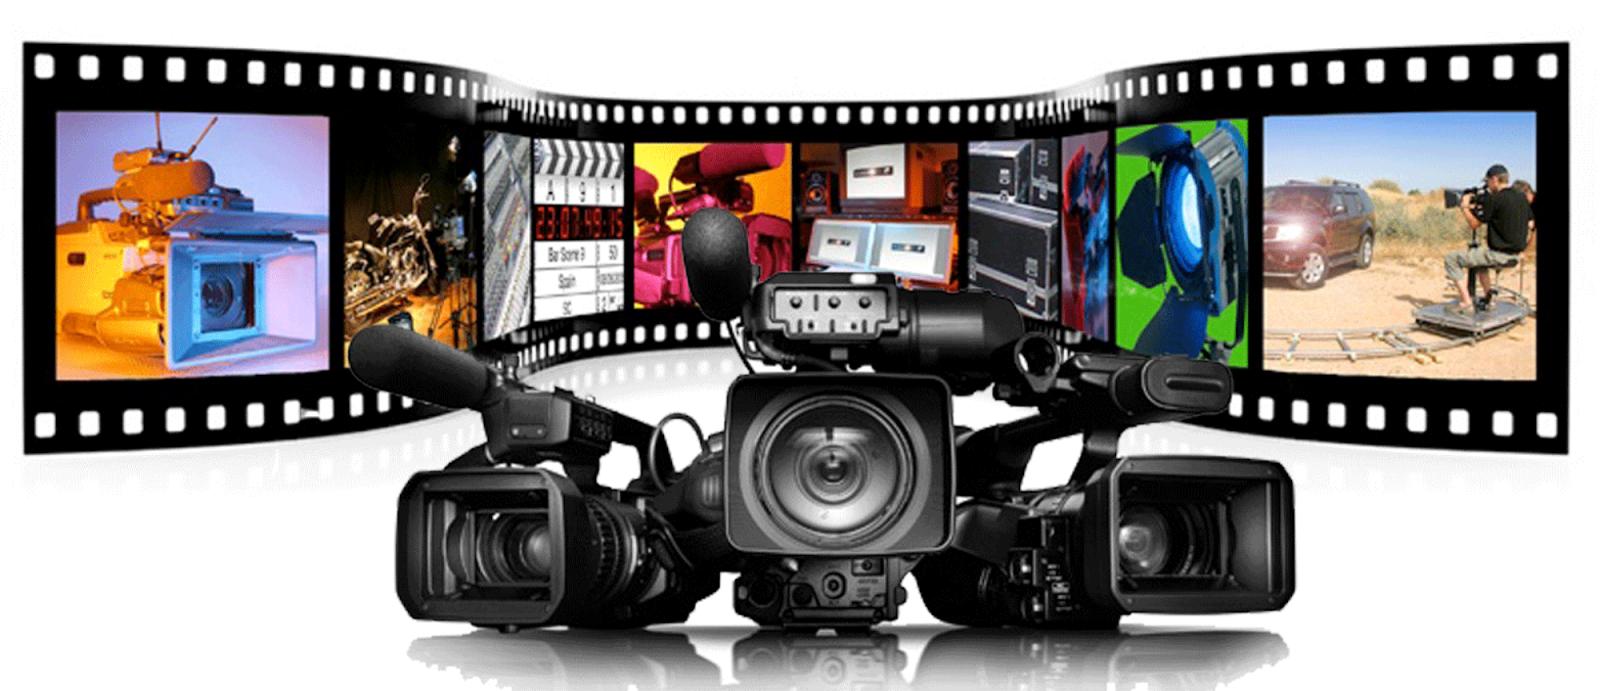 تحميل برنامج صانع الفيديو عربي مجانا